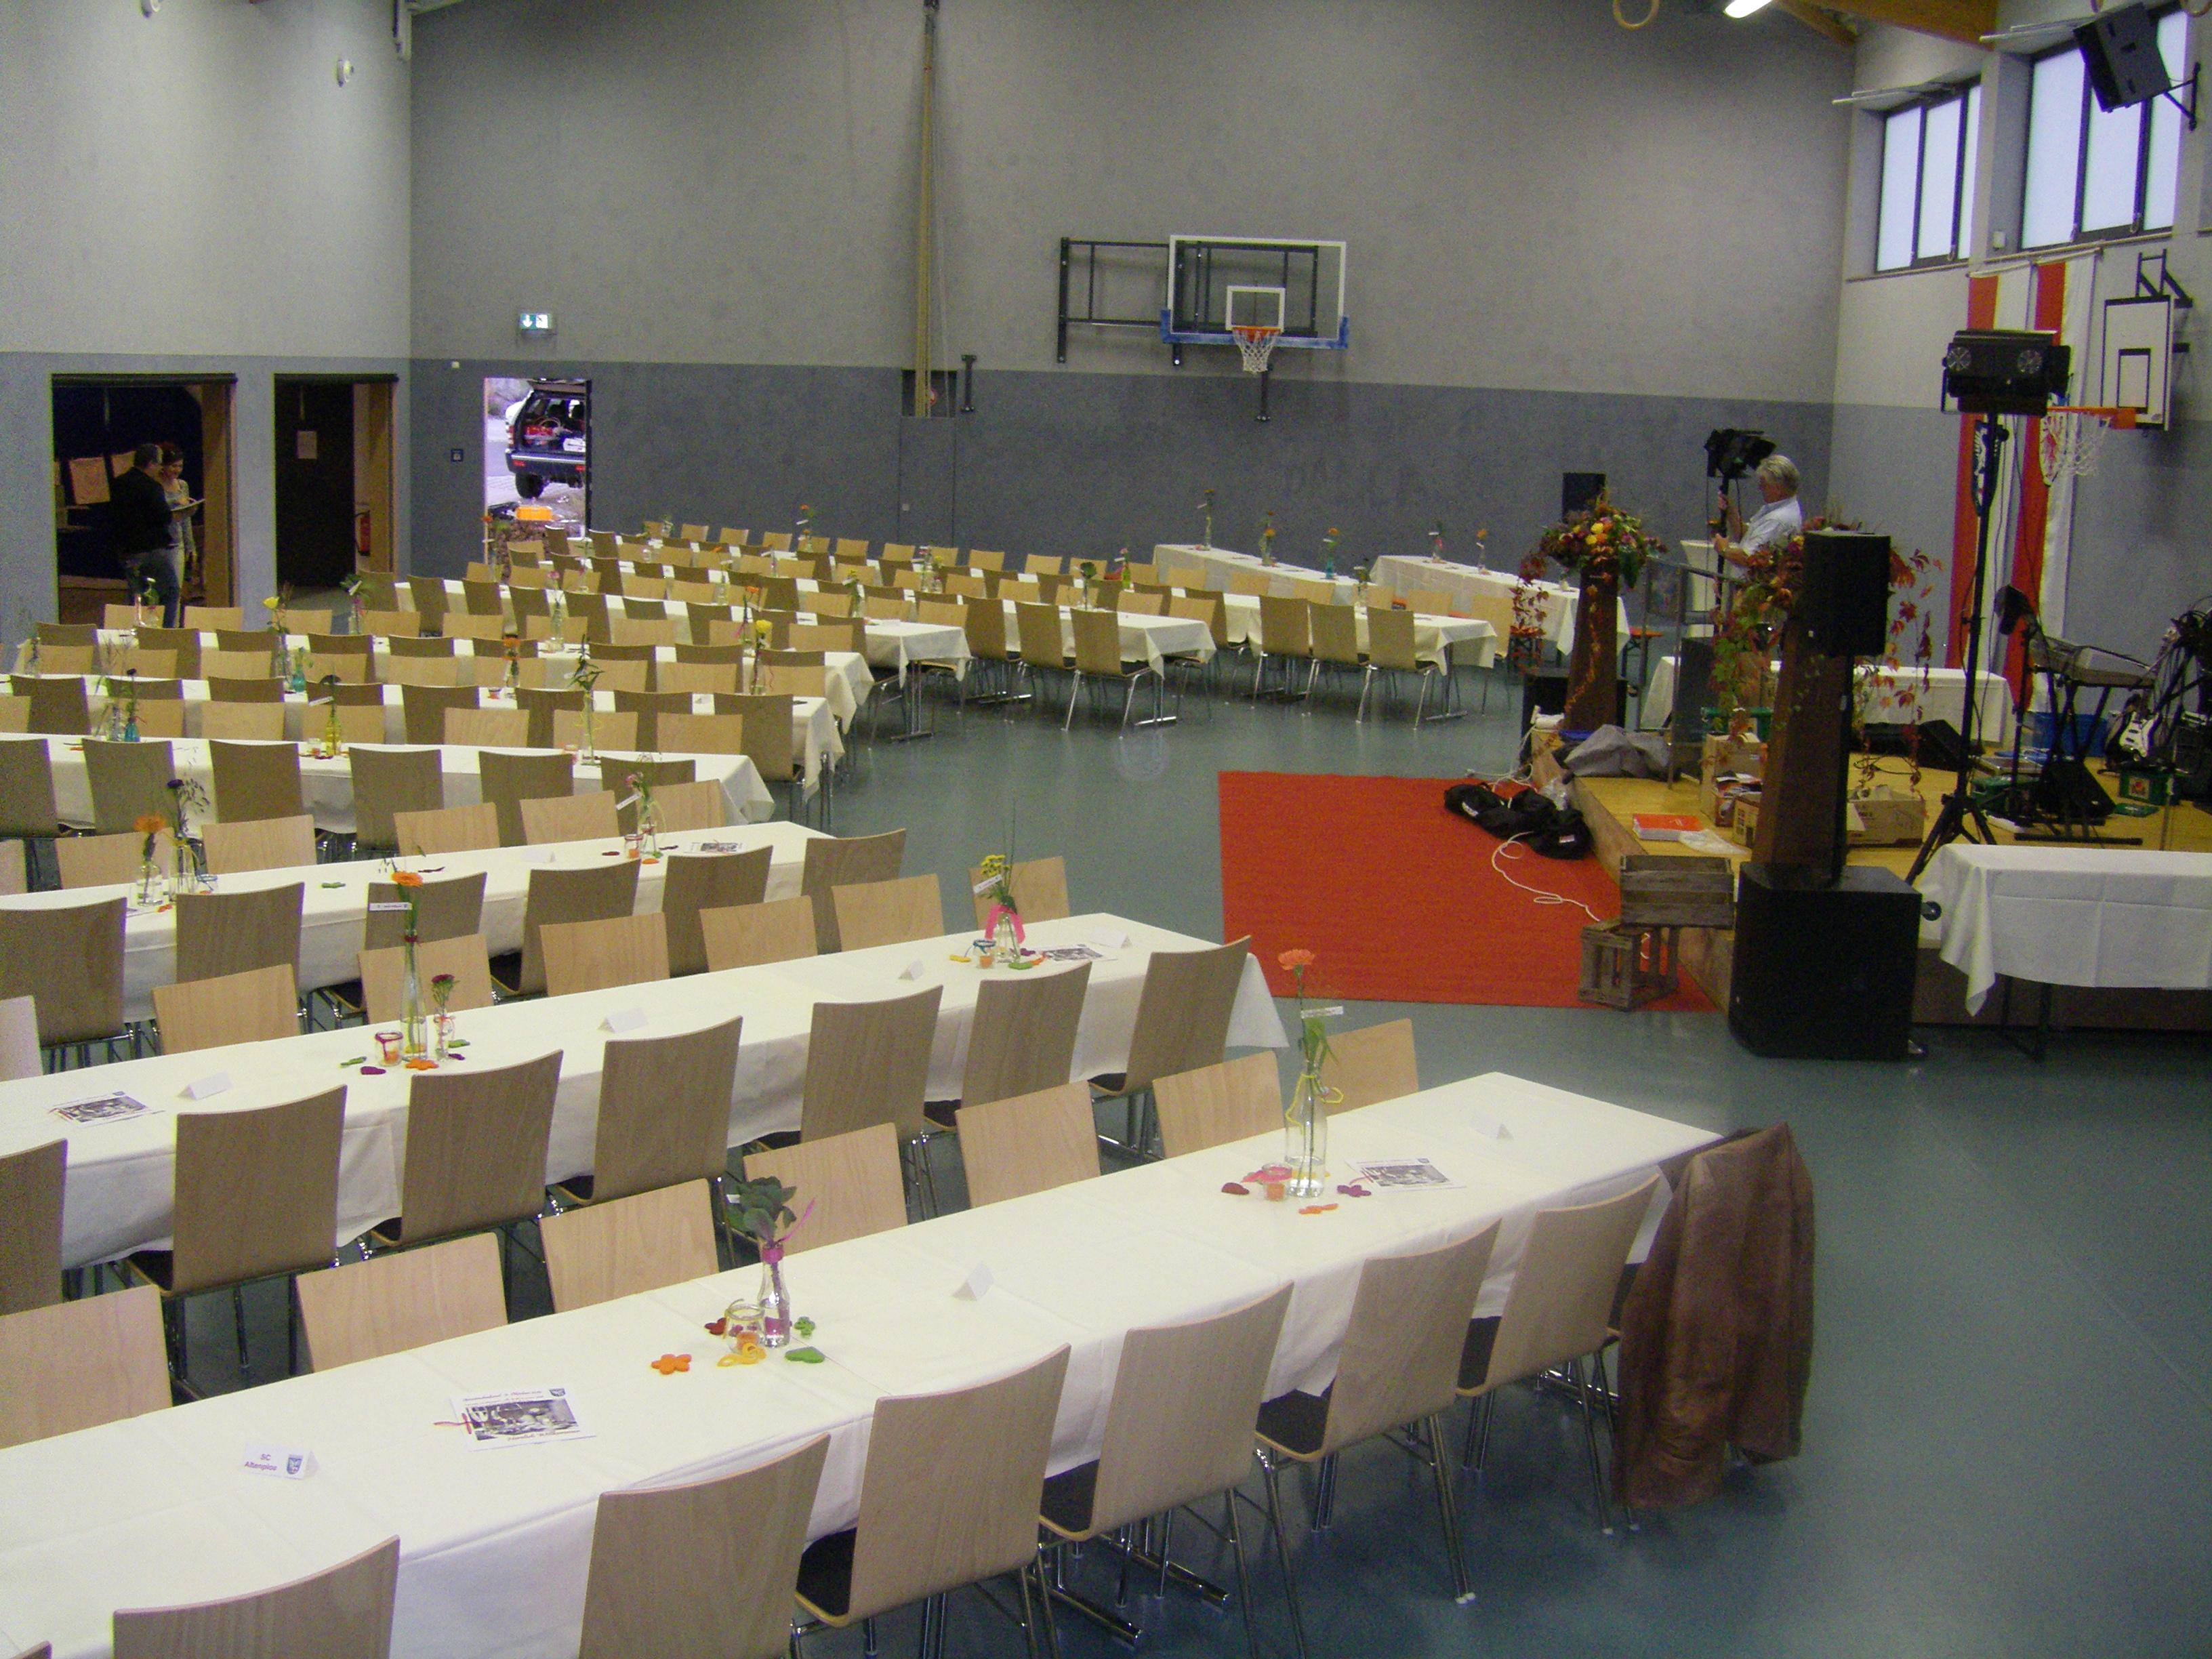 Mehrzweckhalle Altenplos Bild 5